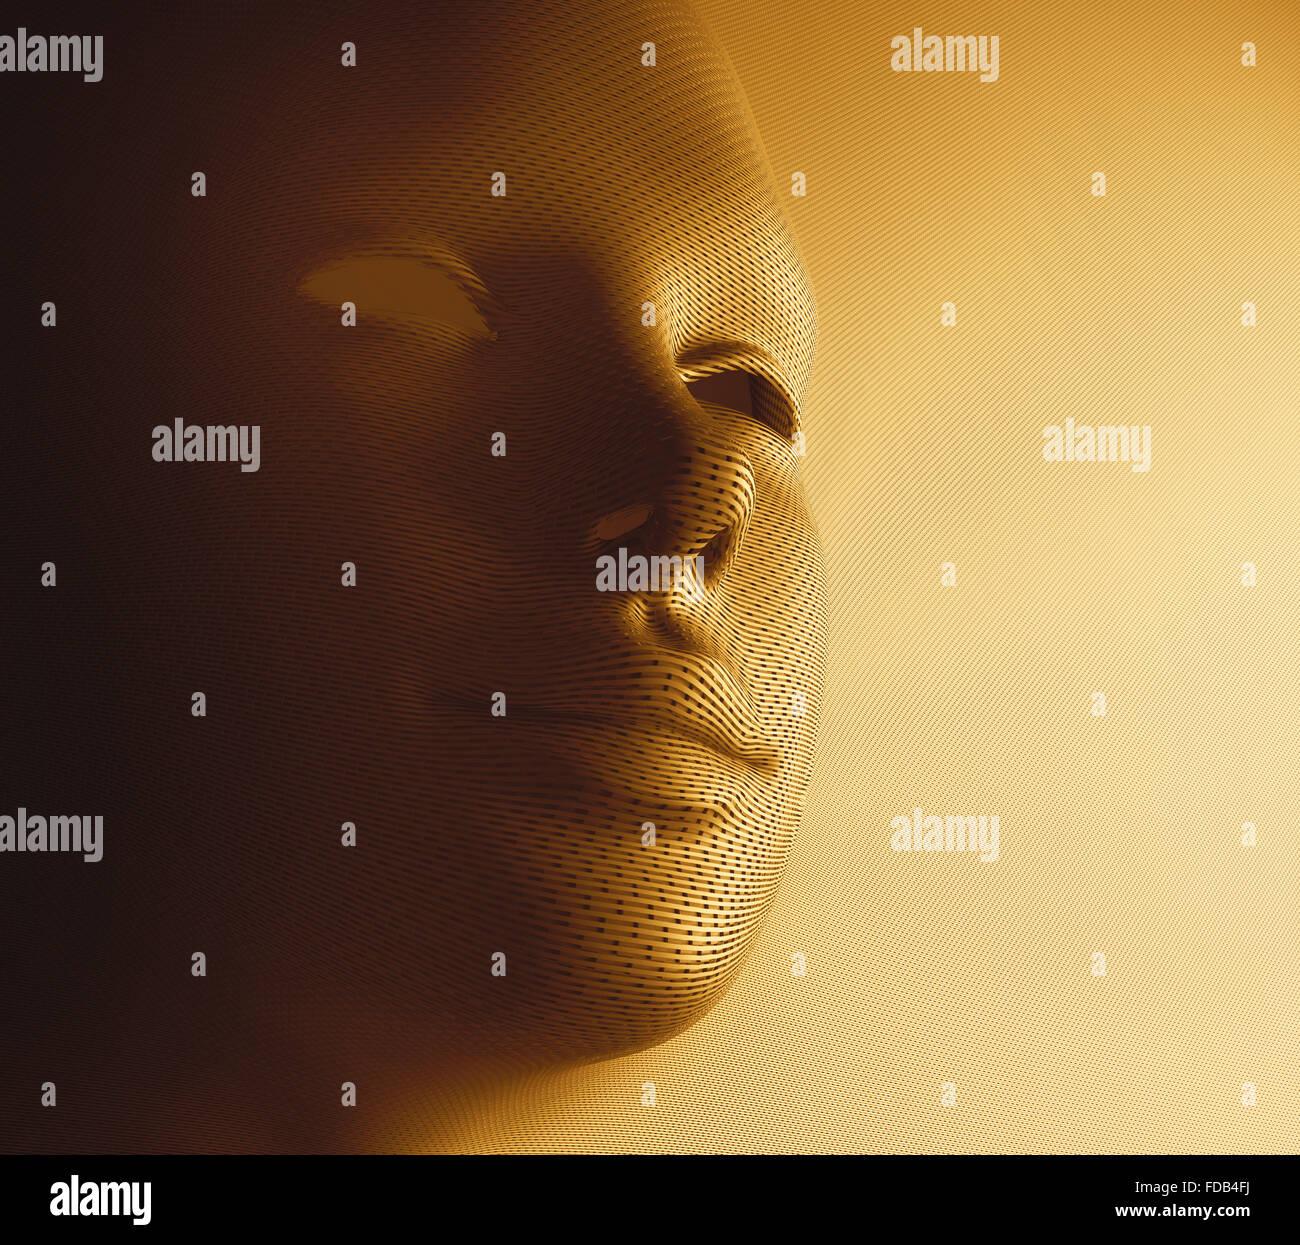 Strukturierte menschliches Gesicht in goldene Maskenformat. Stockbild